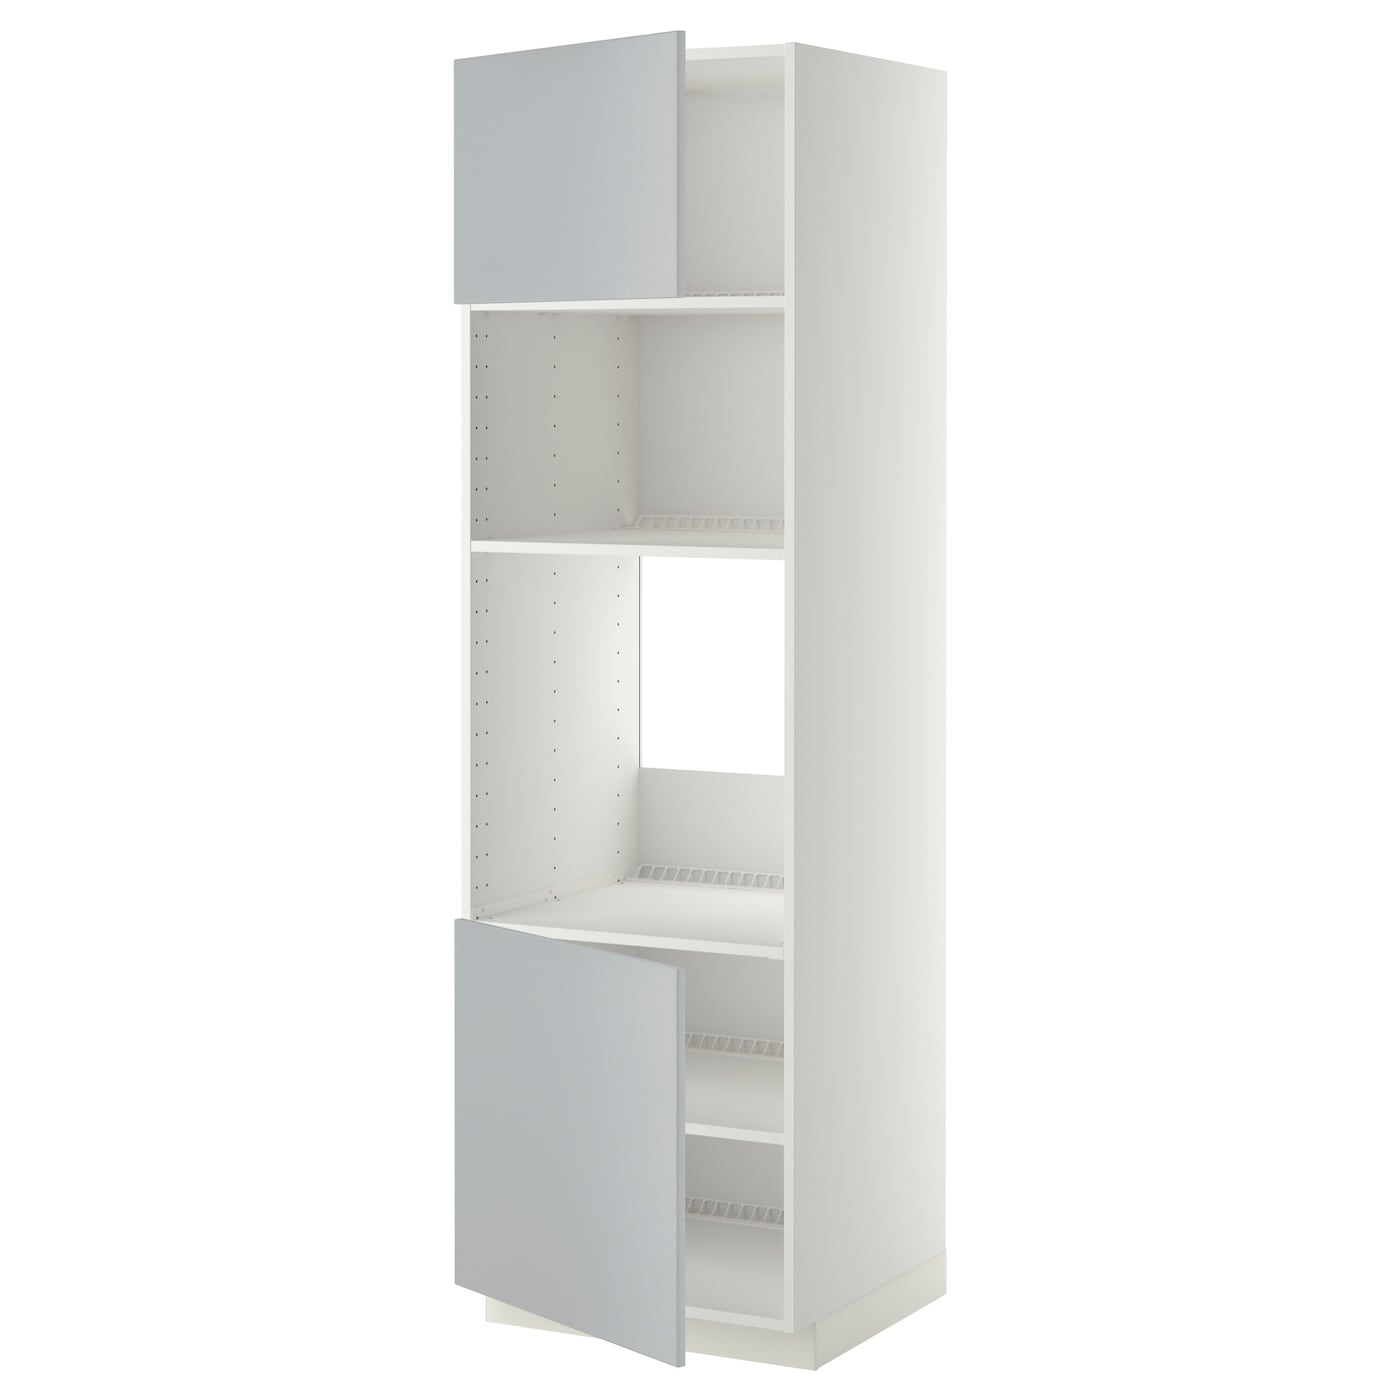 METOD, HS für Ofen/Mikro m 2 Türen/Böden, weiß 690.278.94